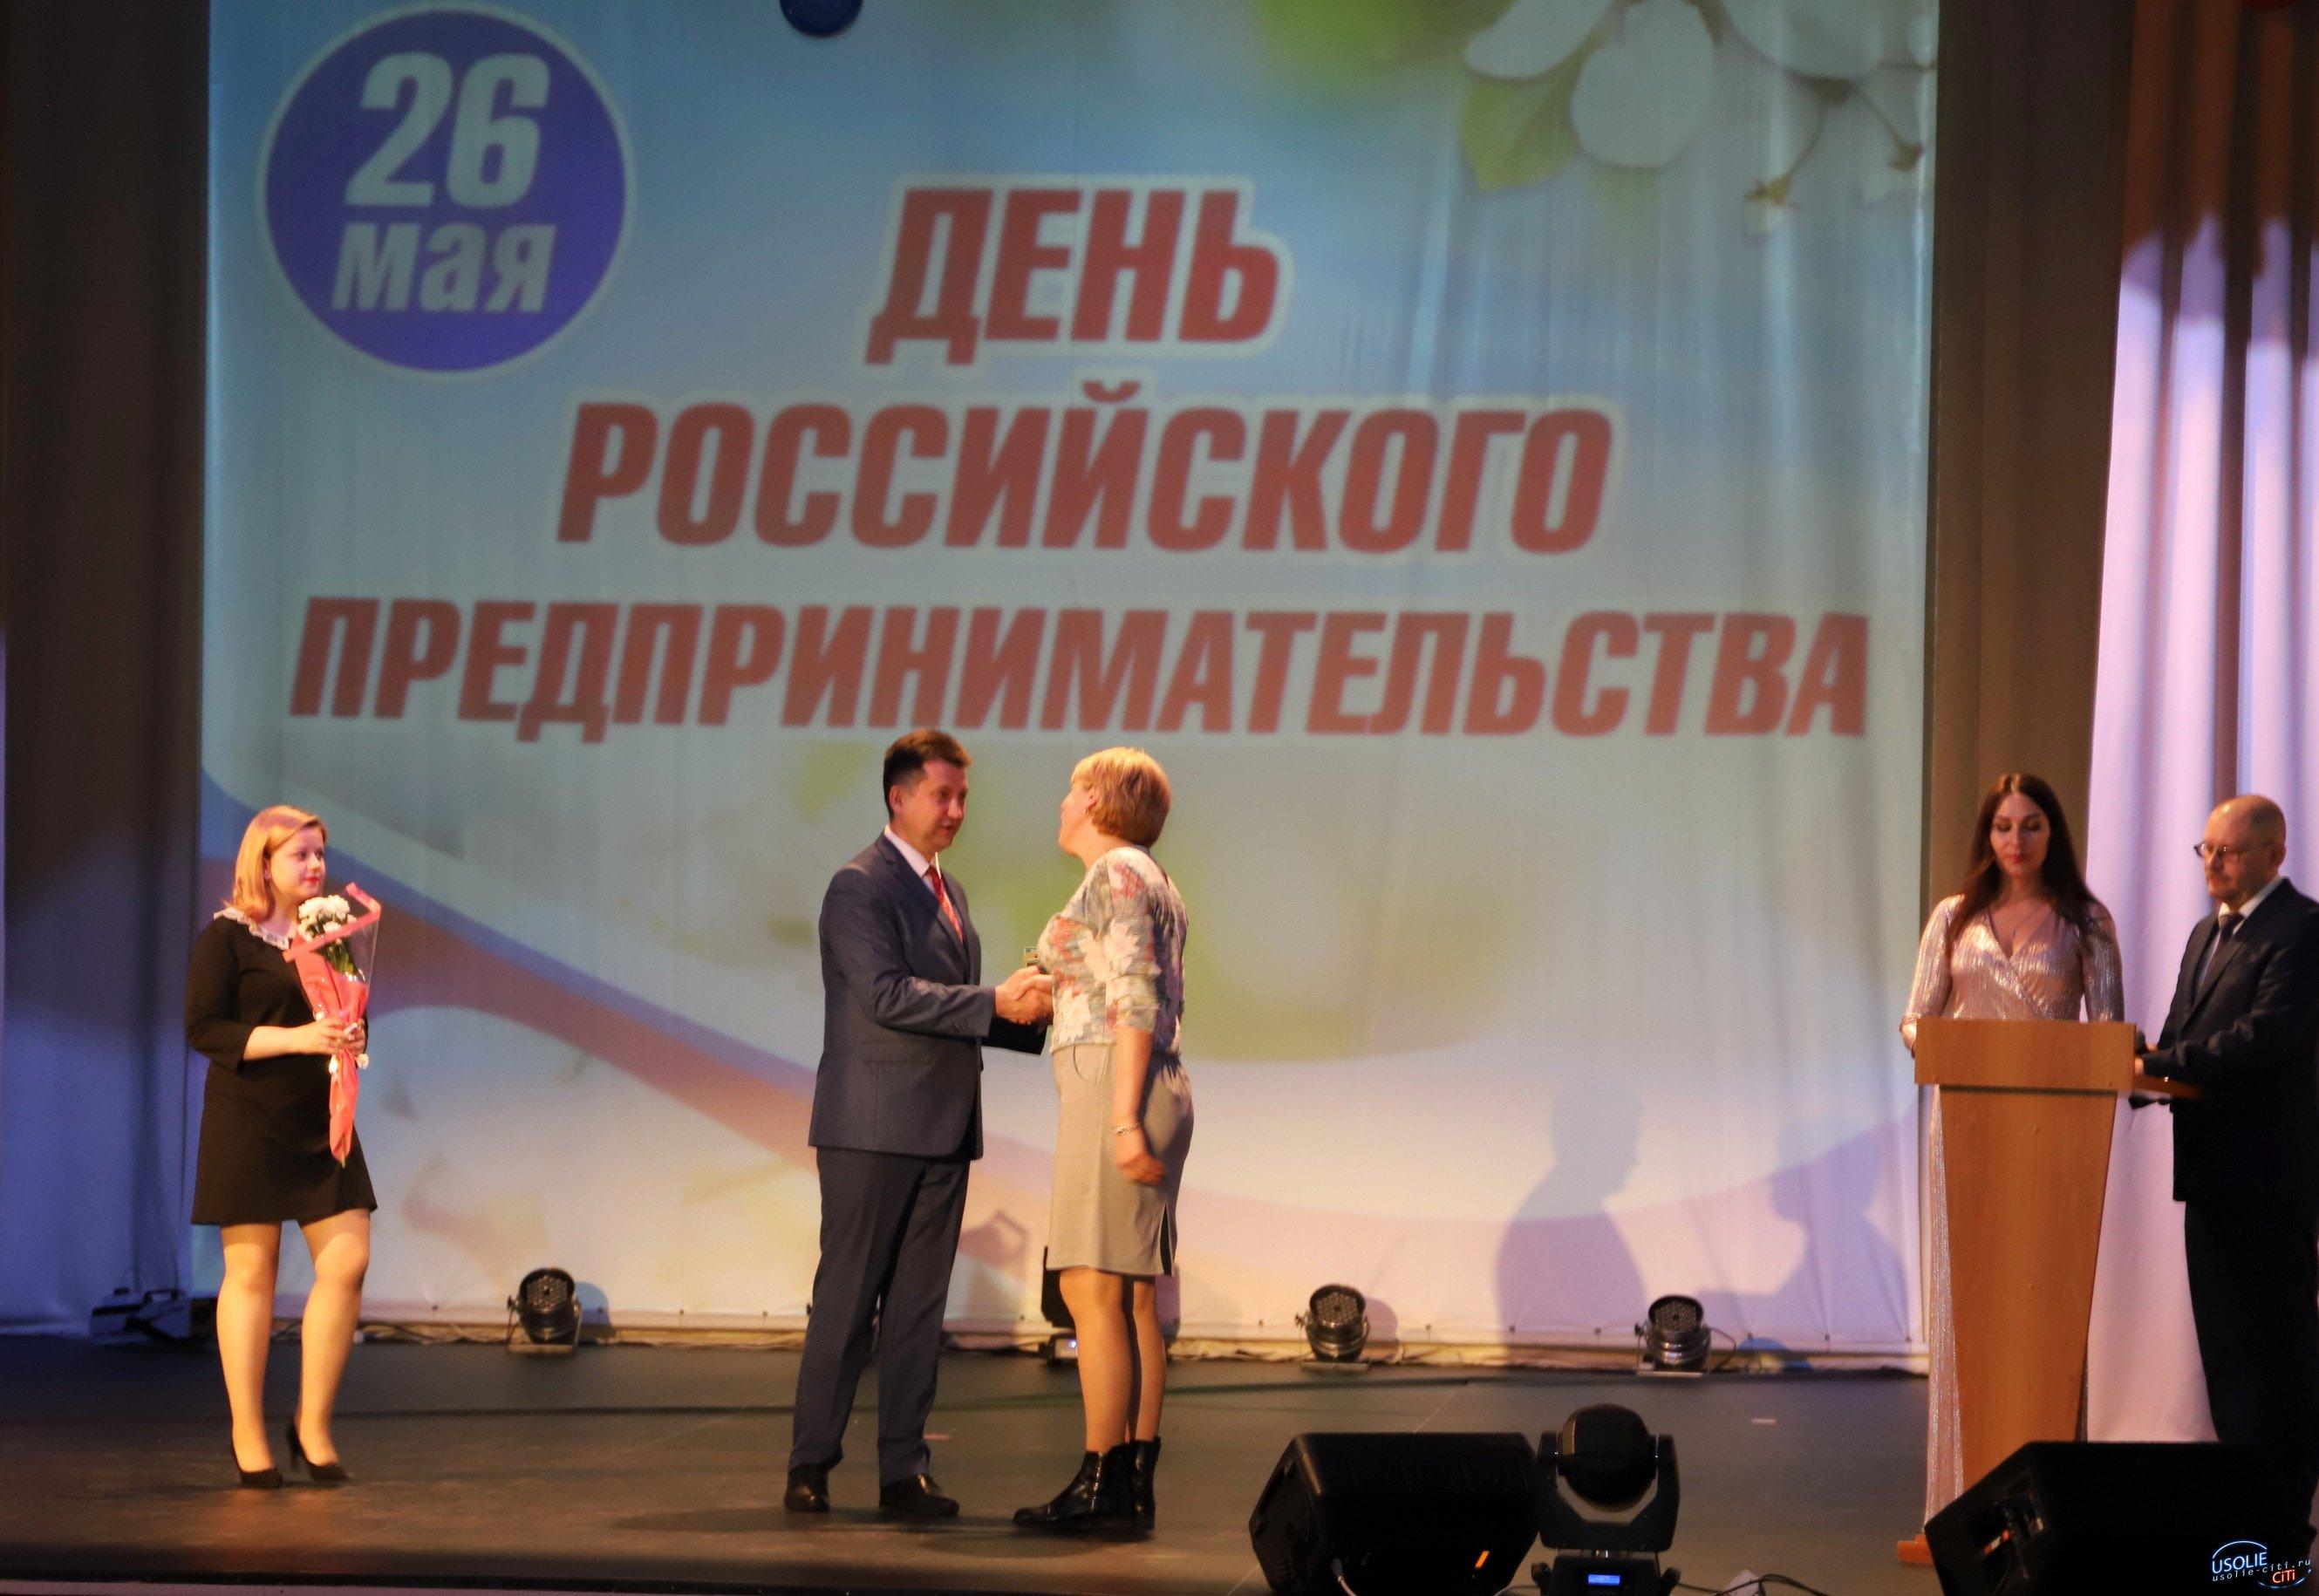 В Усольском районе отметили День российского предпринимательства